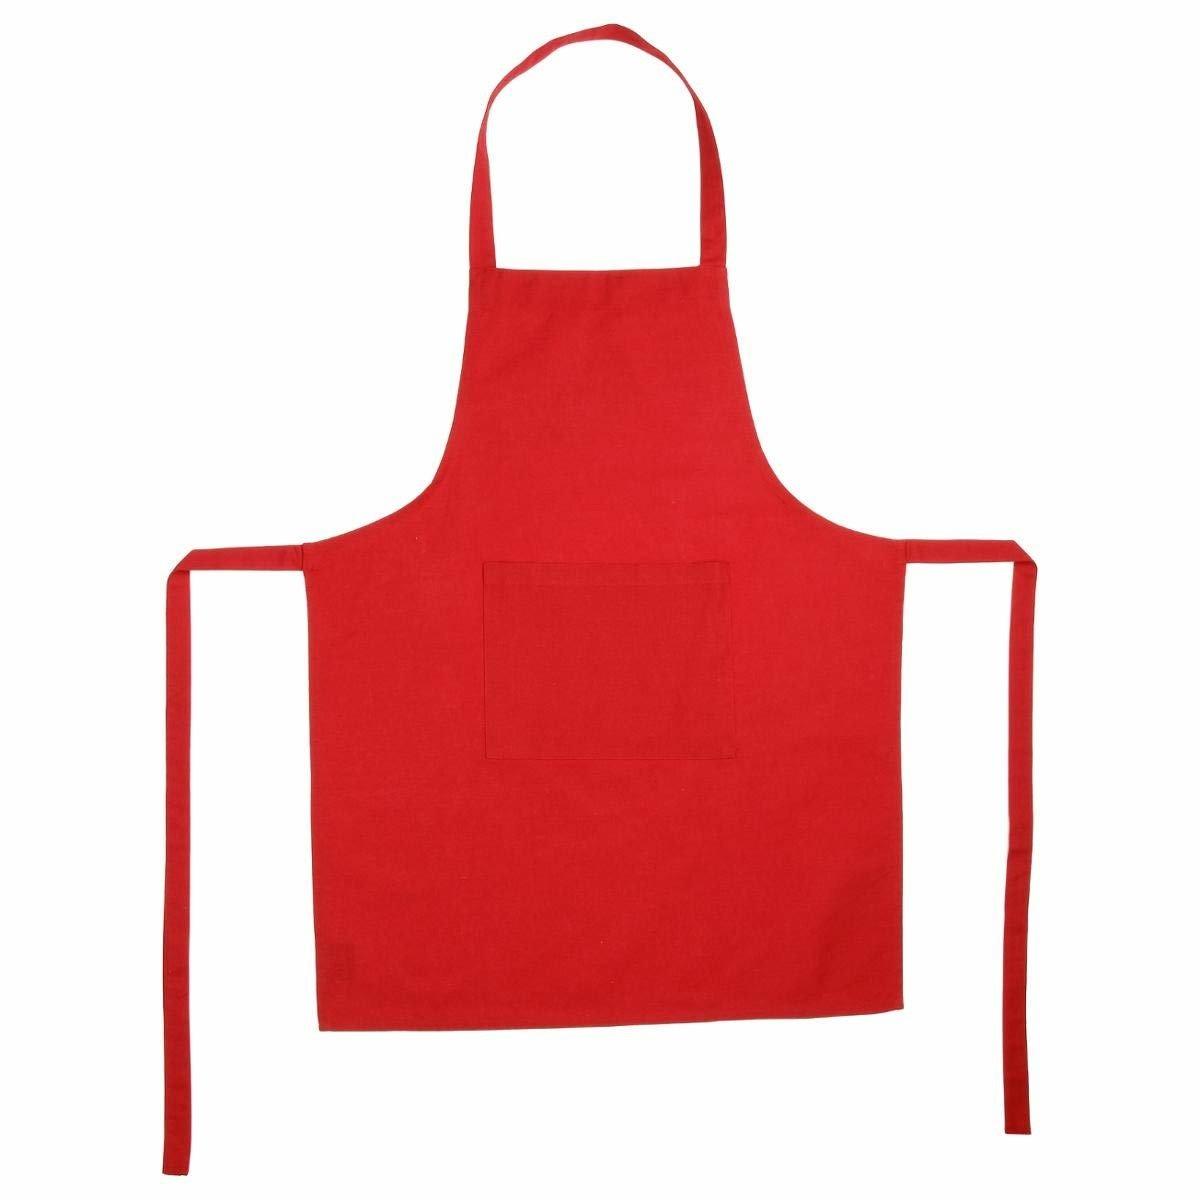 Kuchenschurze Mit Tasche Rot 60 X 80 Cm Kaufen Bei Emako Gmbh